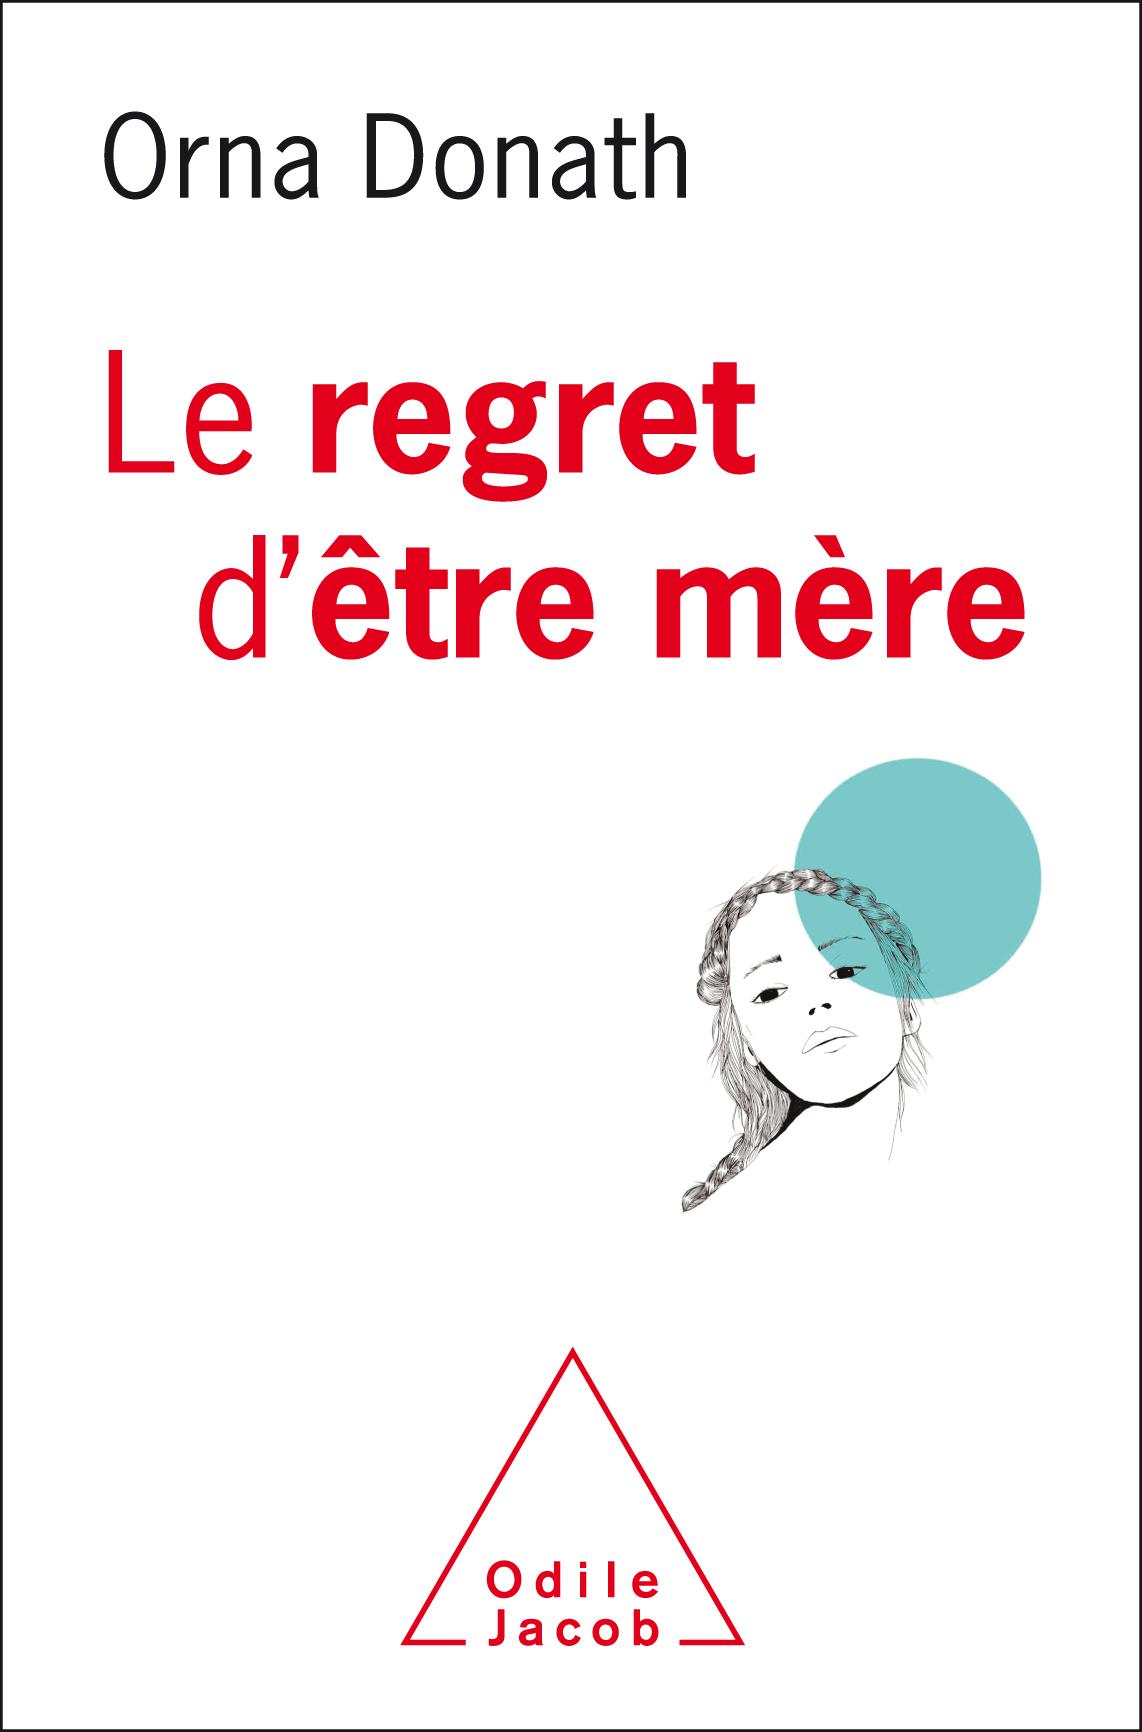 """Attention tabou ! """"Le regret d'être mère"""" par Orna Donath Ba11c7d6-d0b2-42cb-a0ce-a54996140d63"""